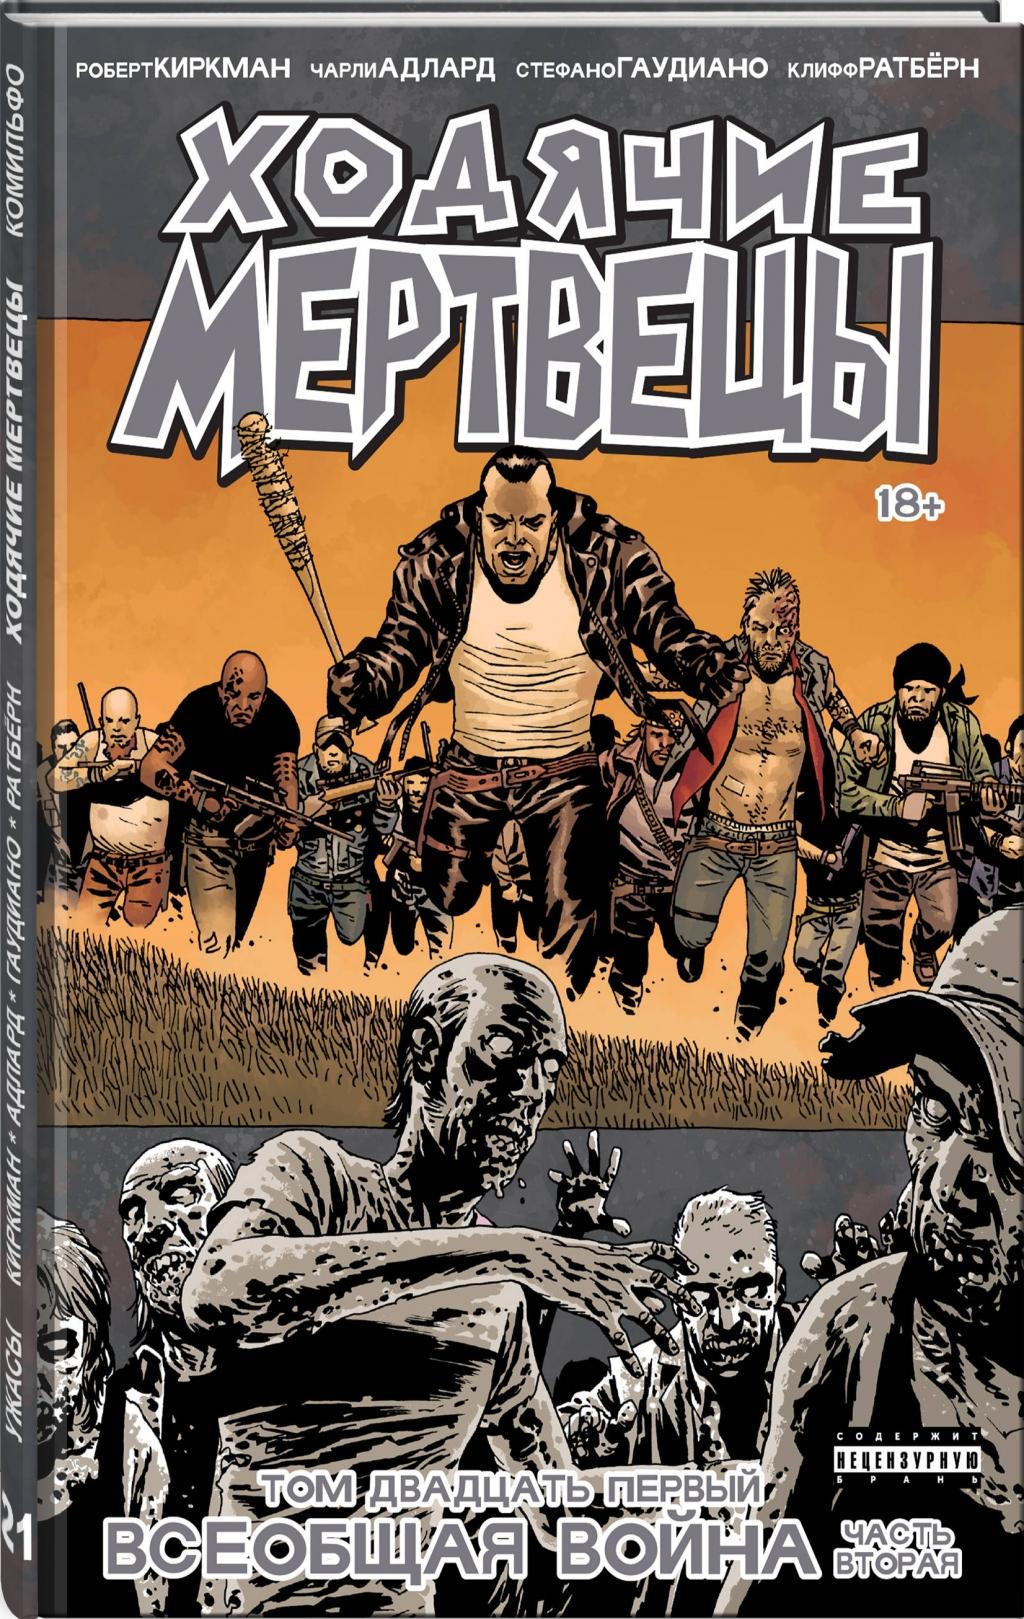 Комикс Ходячие Мертвецы. Том 21, Всеобщая война, Часть вторая фото